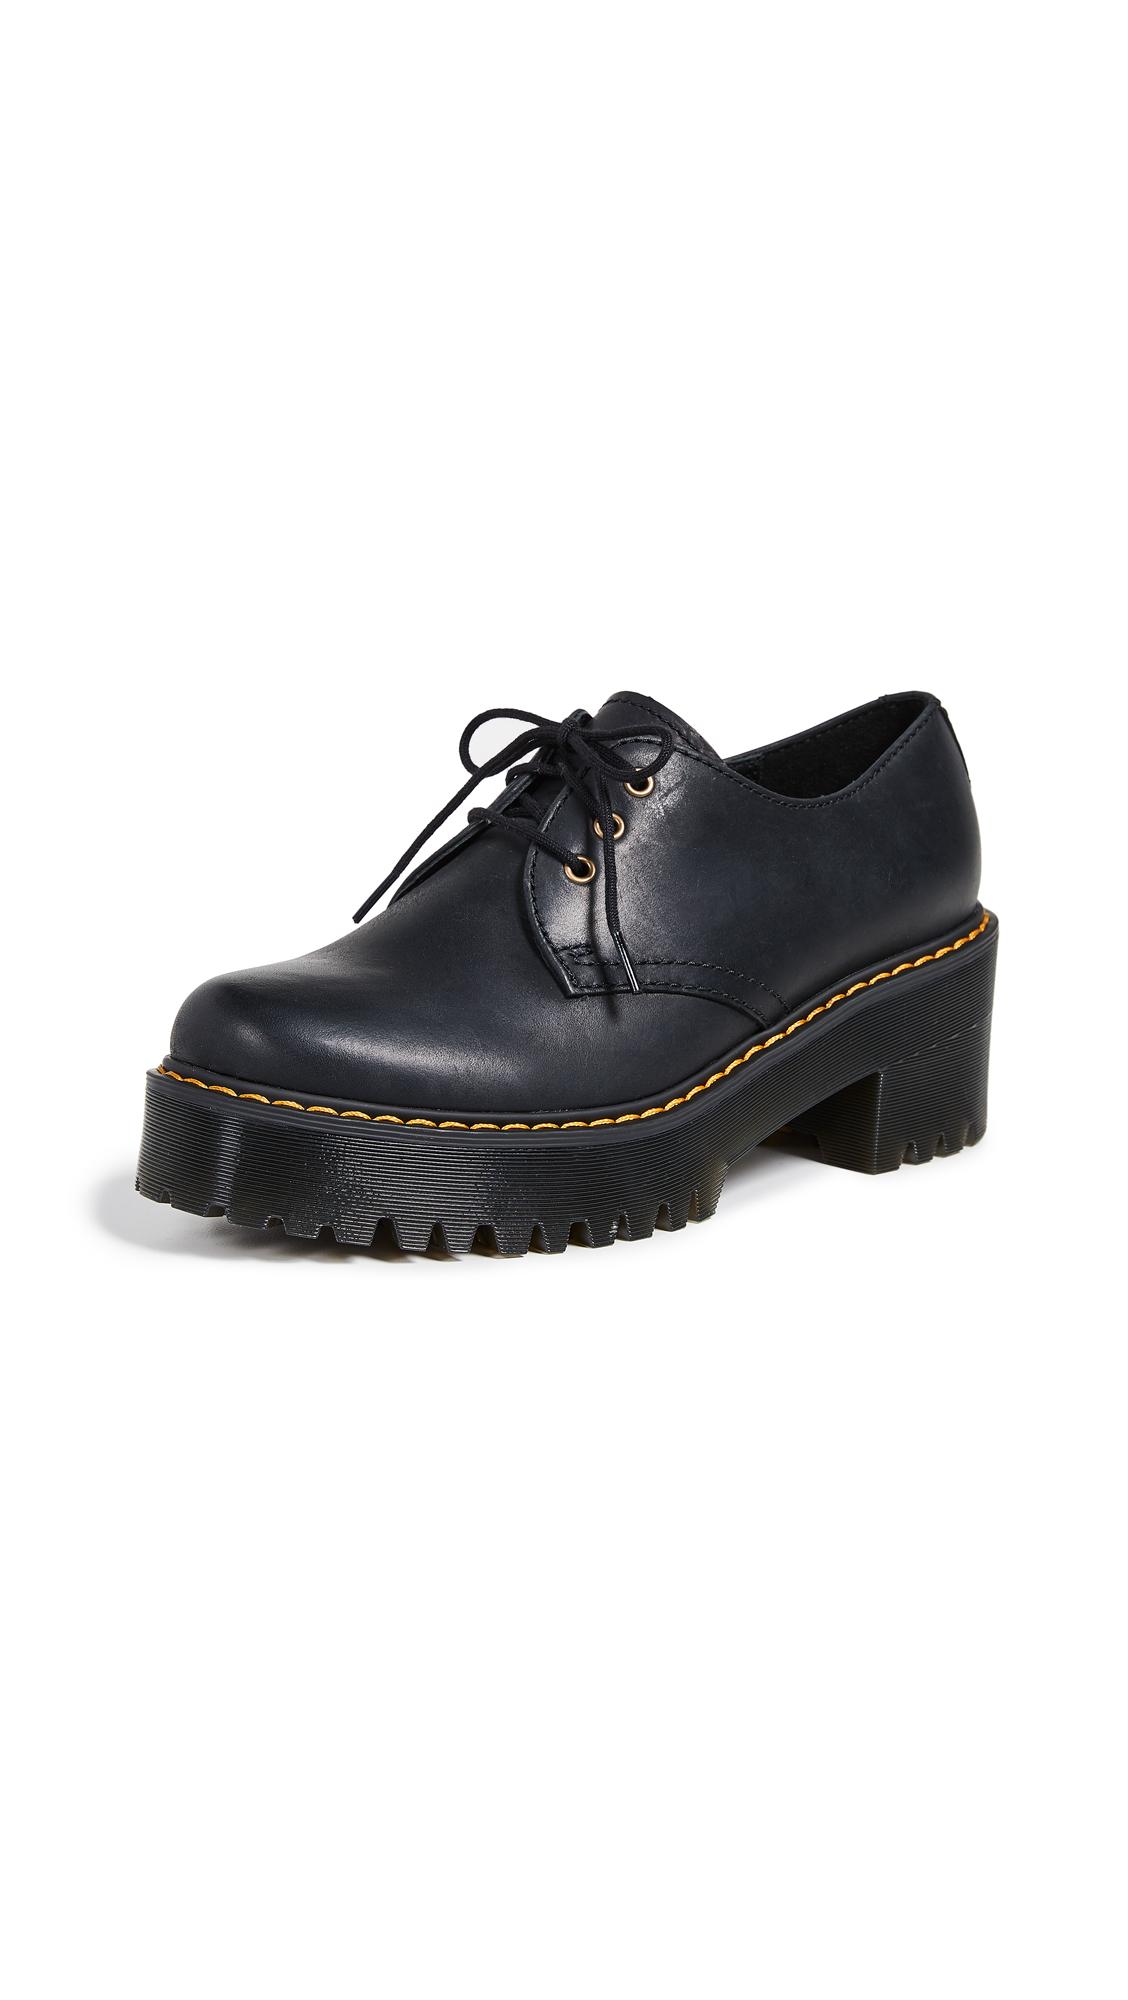 Dr. Martens Shriver Low 3 Eye Shoes - Black